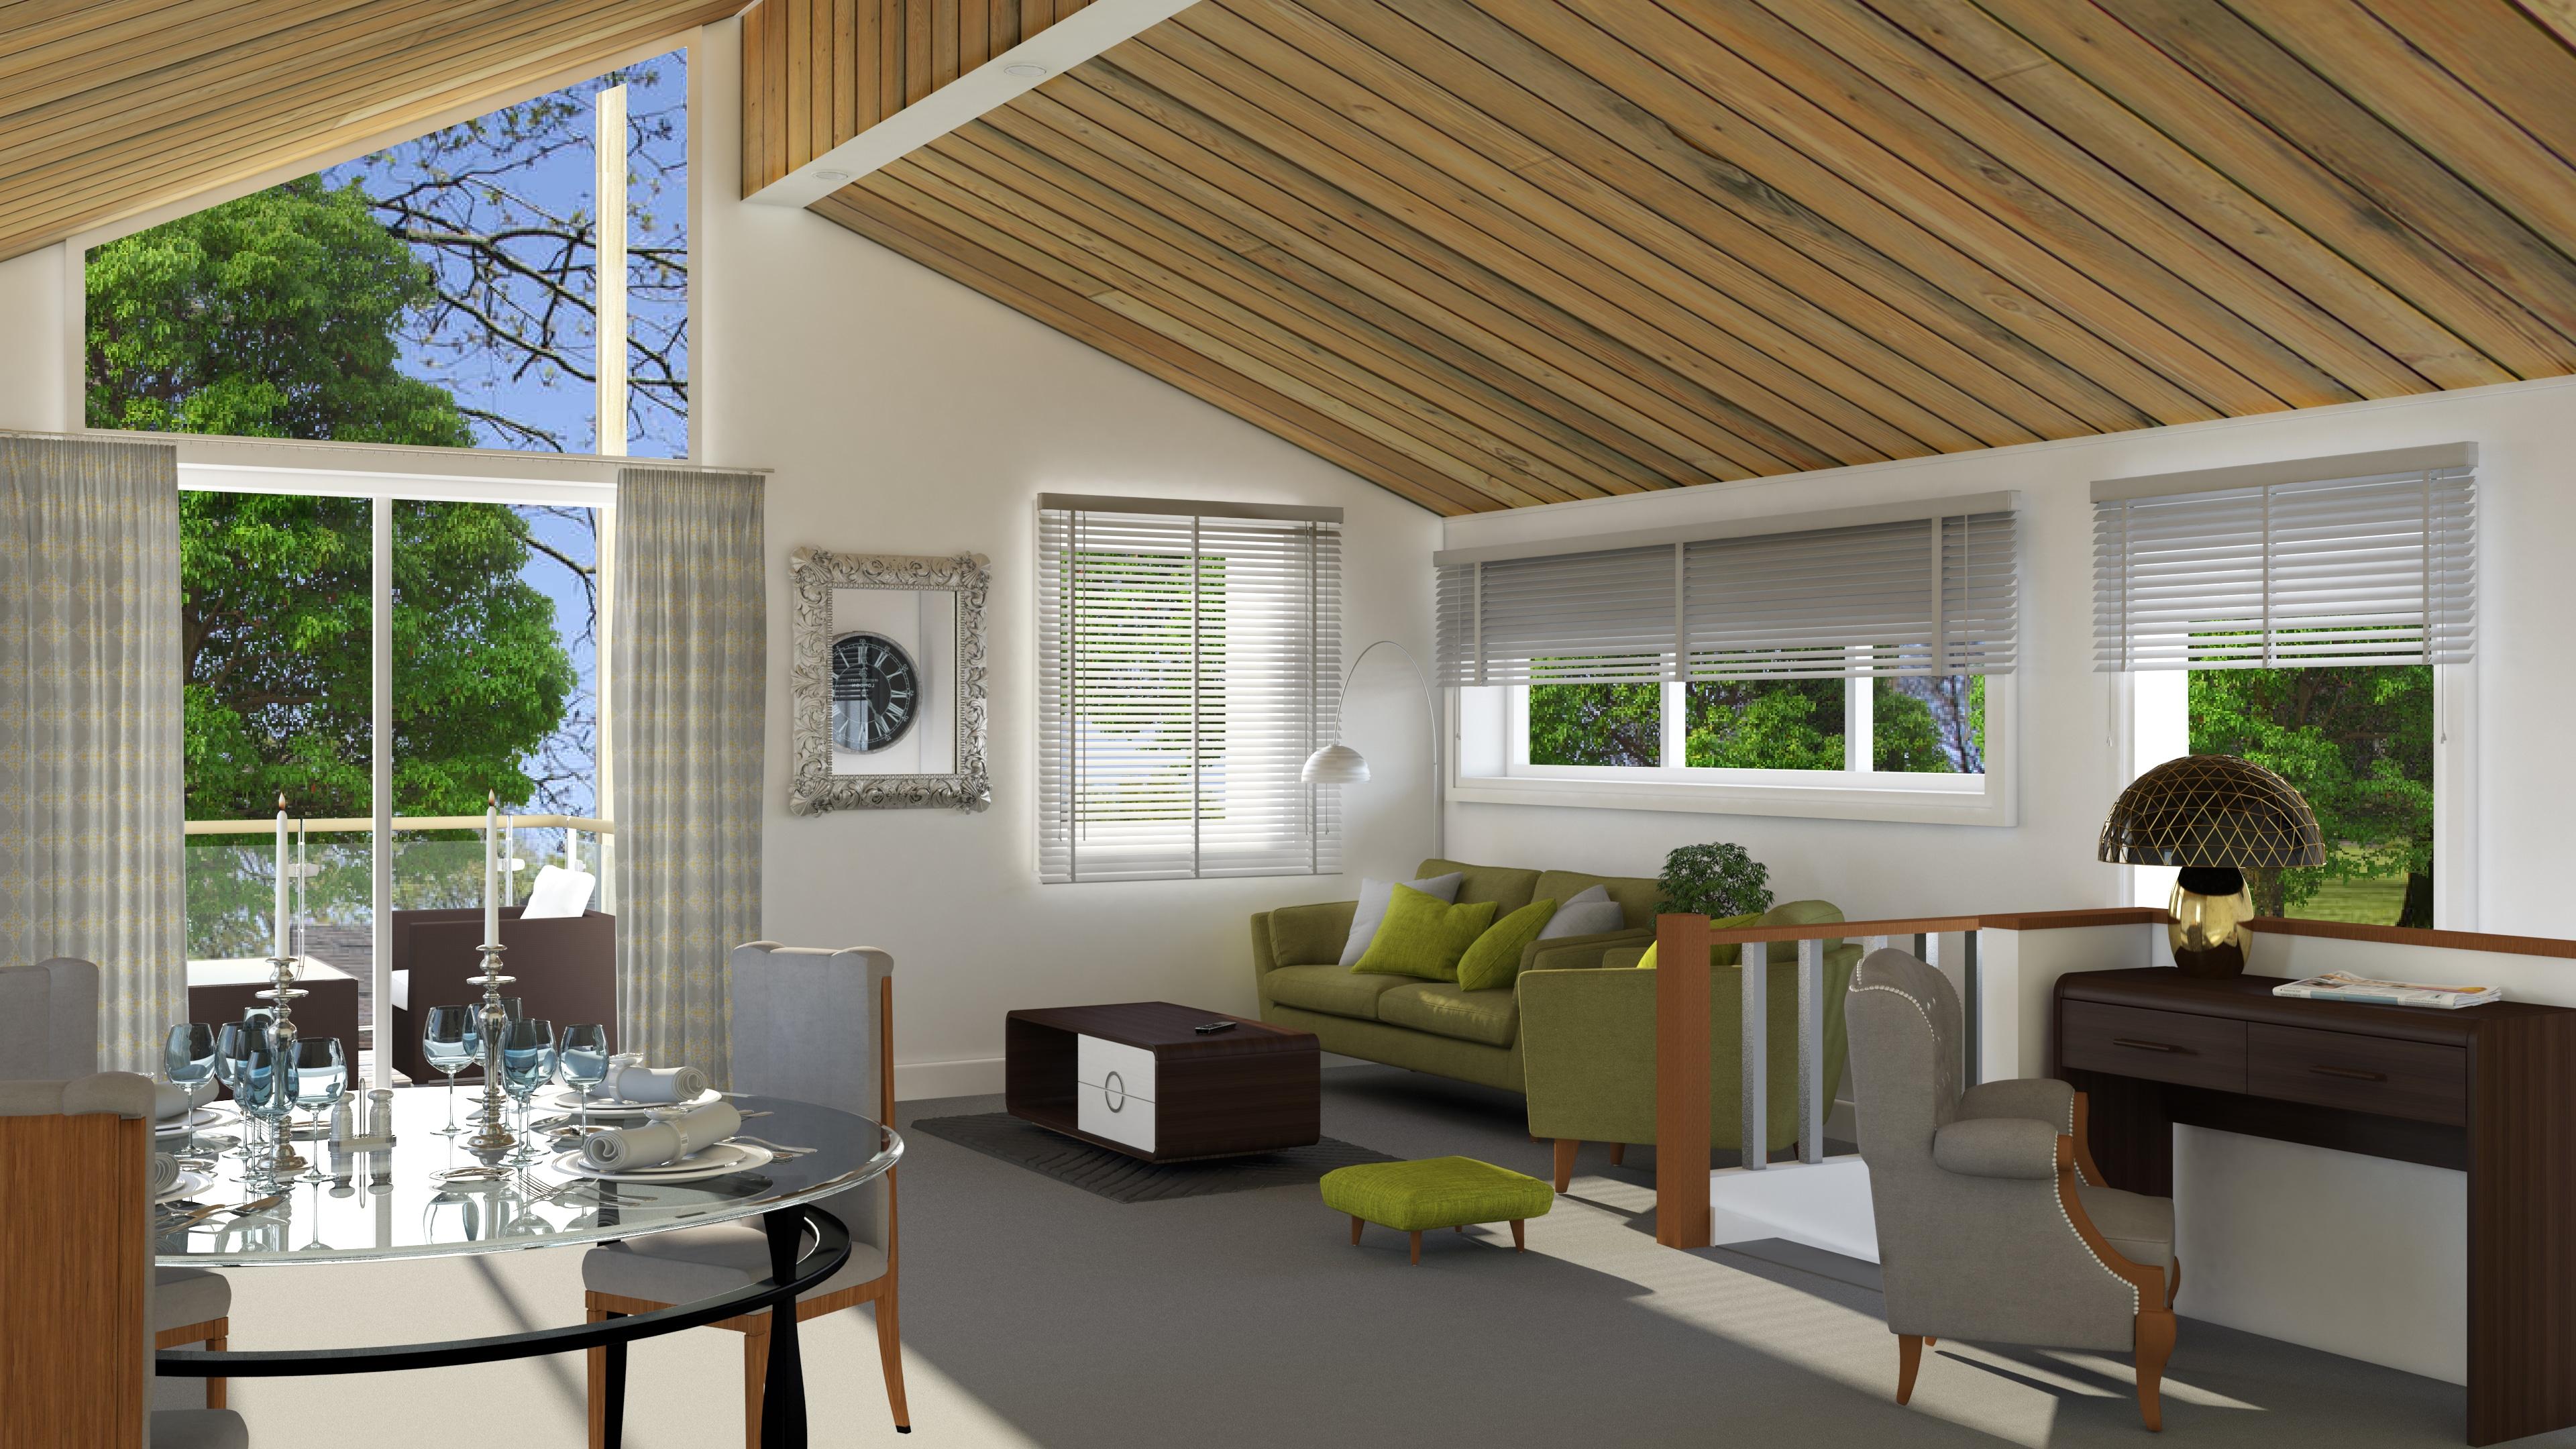 2 Storey - Lounge Large